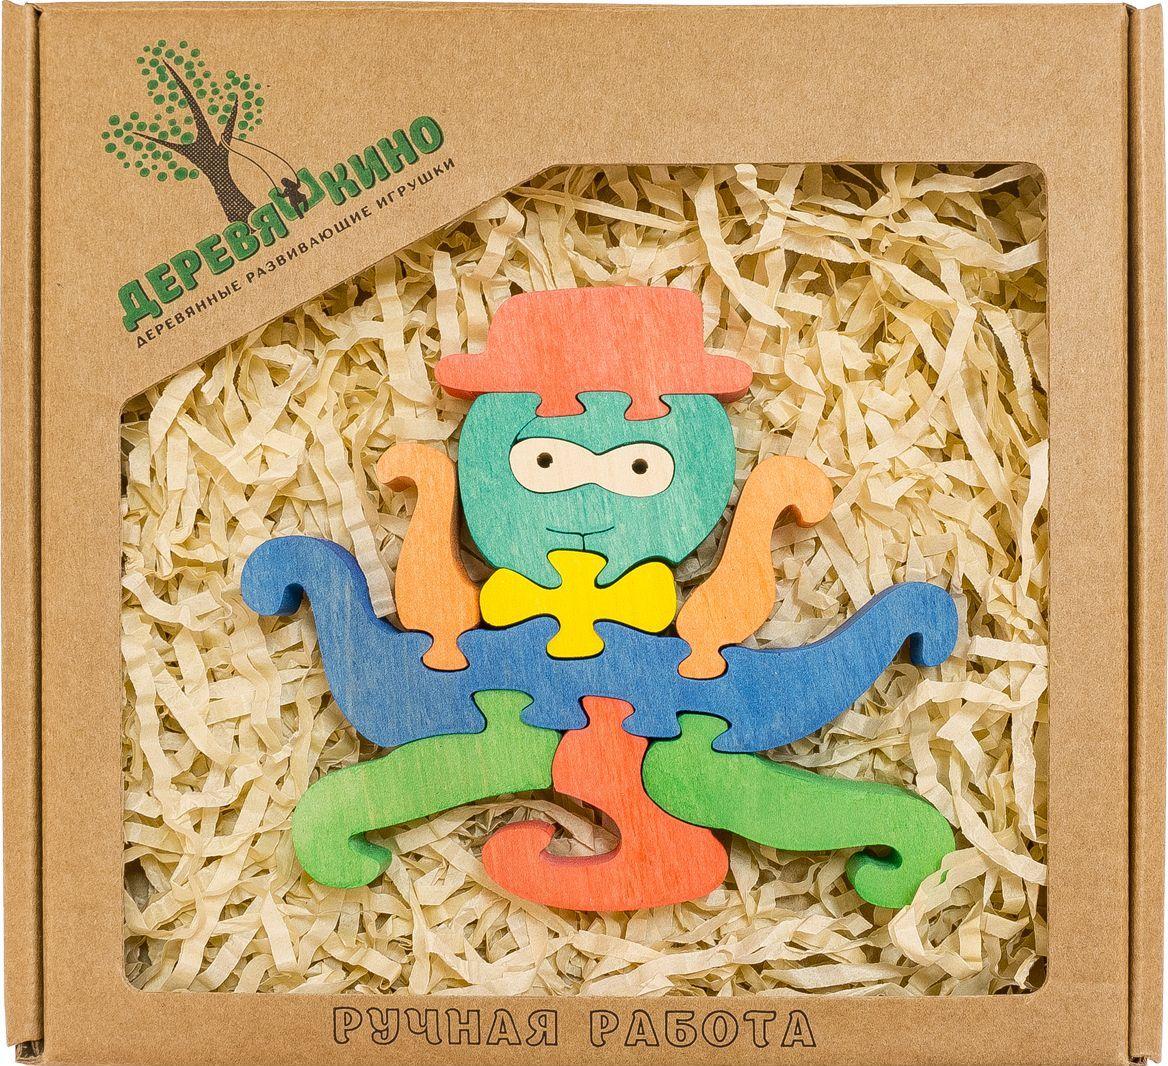 Фото Деревяшкино Пазл для малышей Осьминог. Купить  в РФ